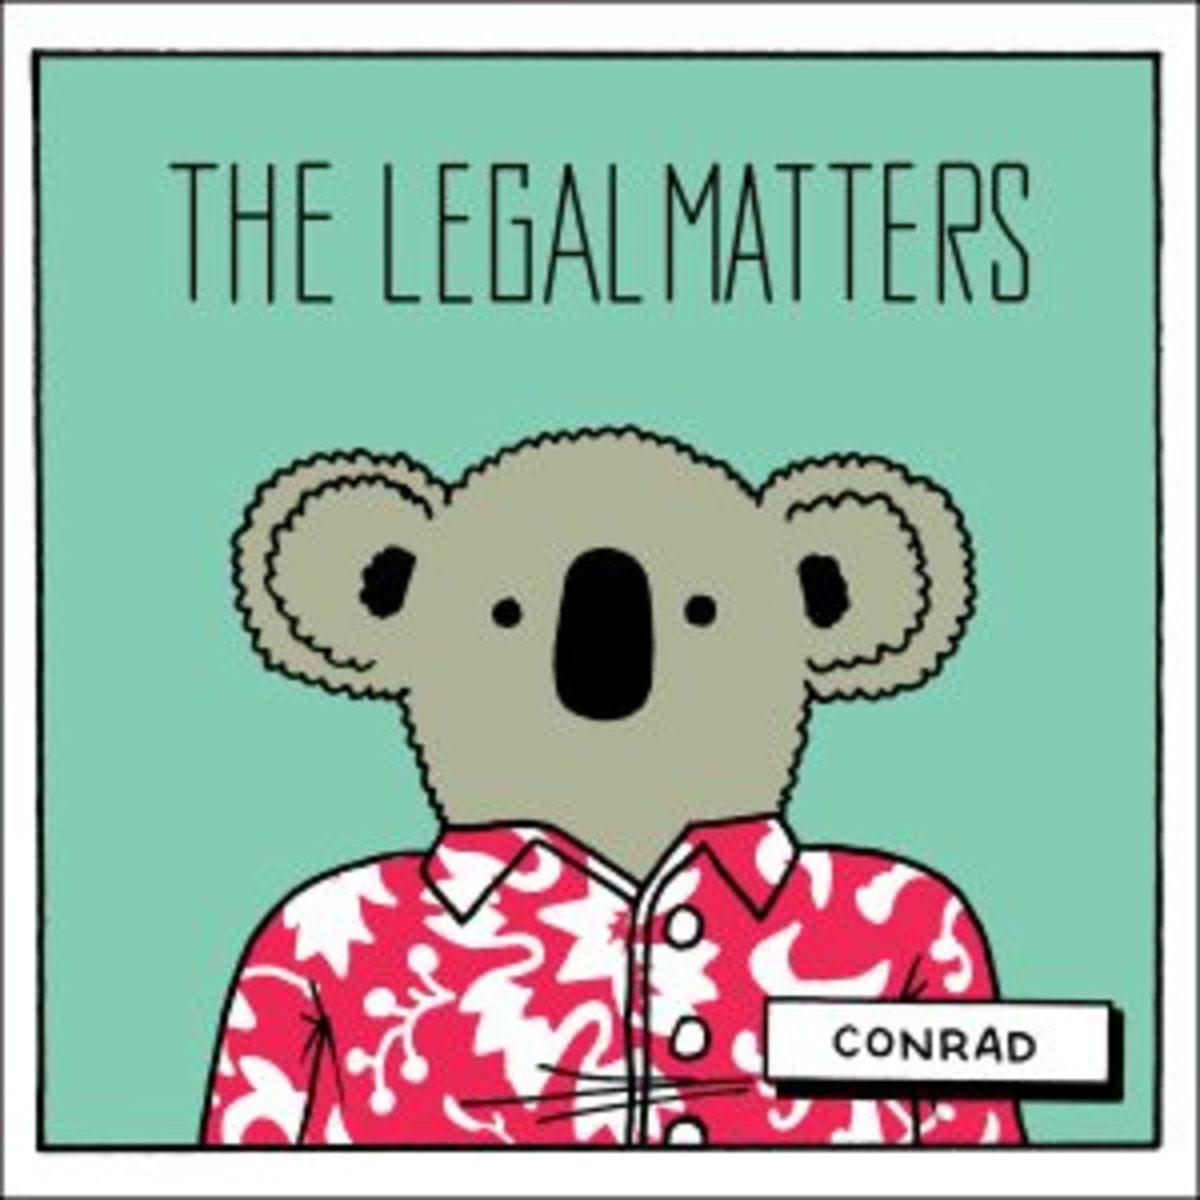 legal-matters-conrad-ov-197